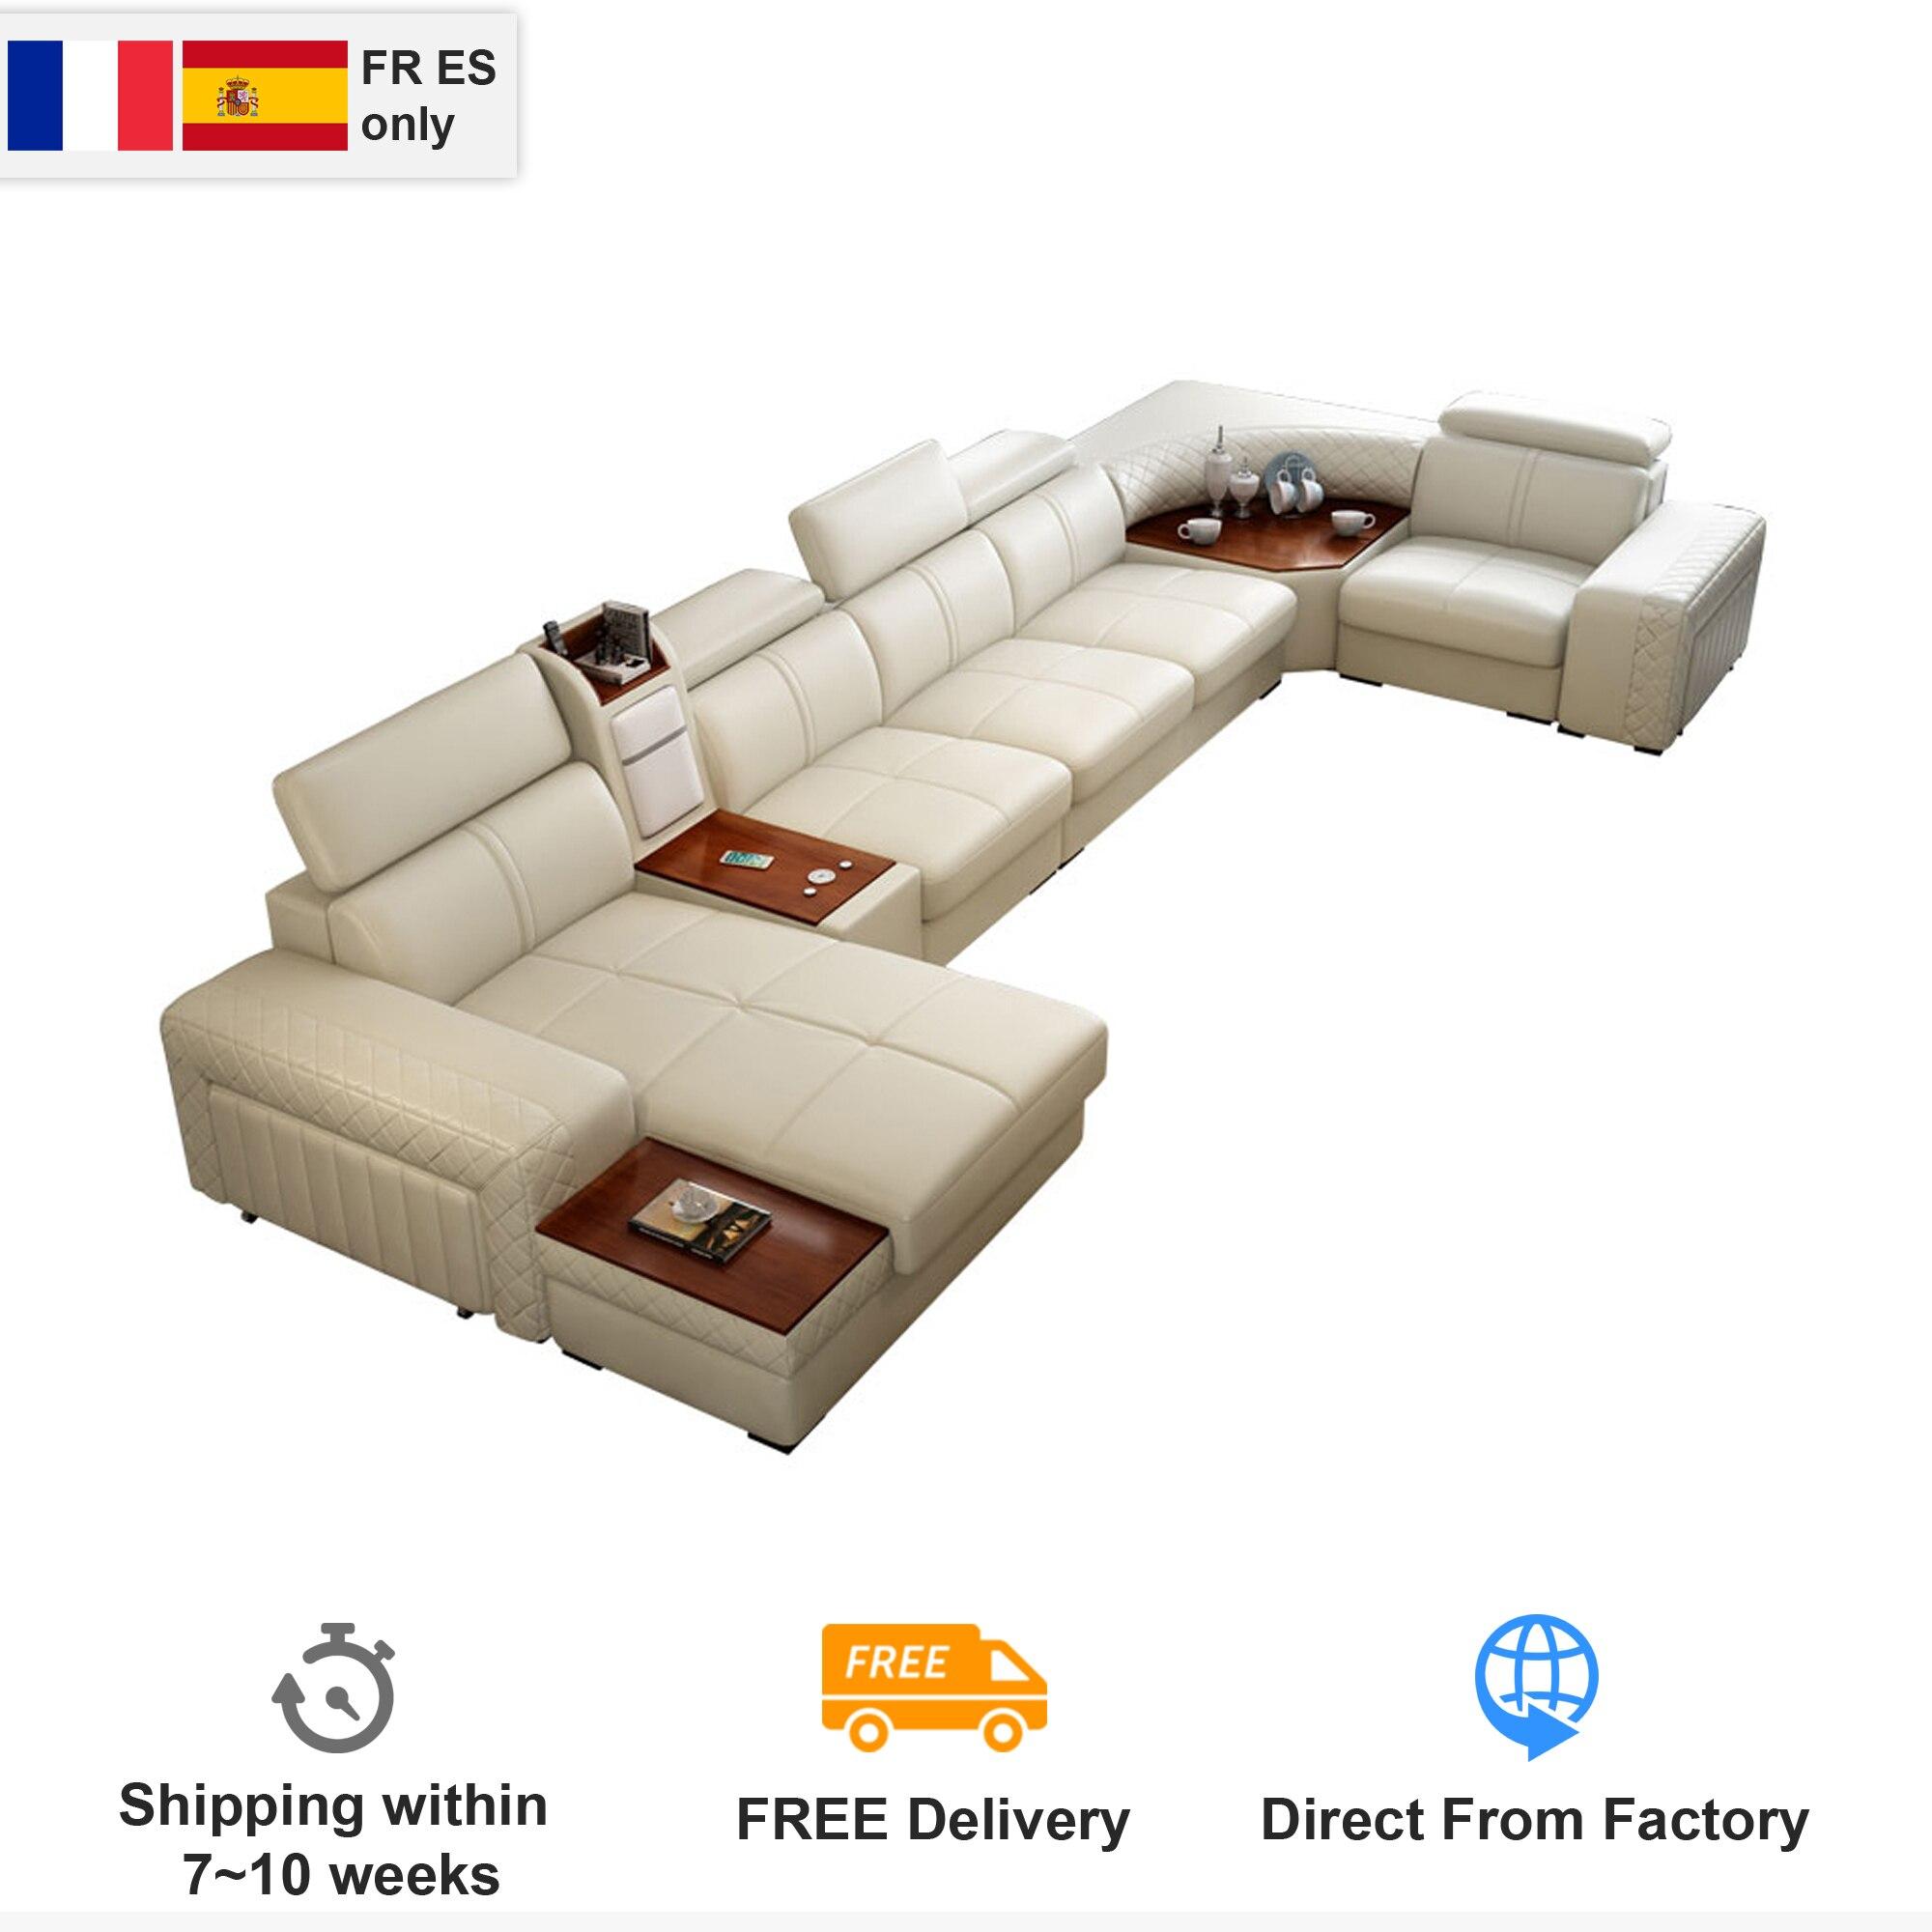 Функциональный диван из натуральной кожи для гостиной, угловой подстаканник для холодильника в форме U, с подогревом, USB, Зарядка для Iphone